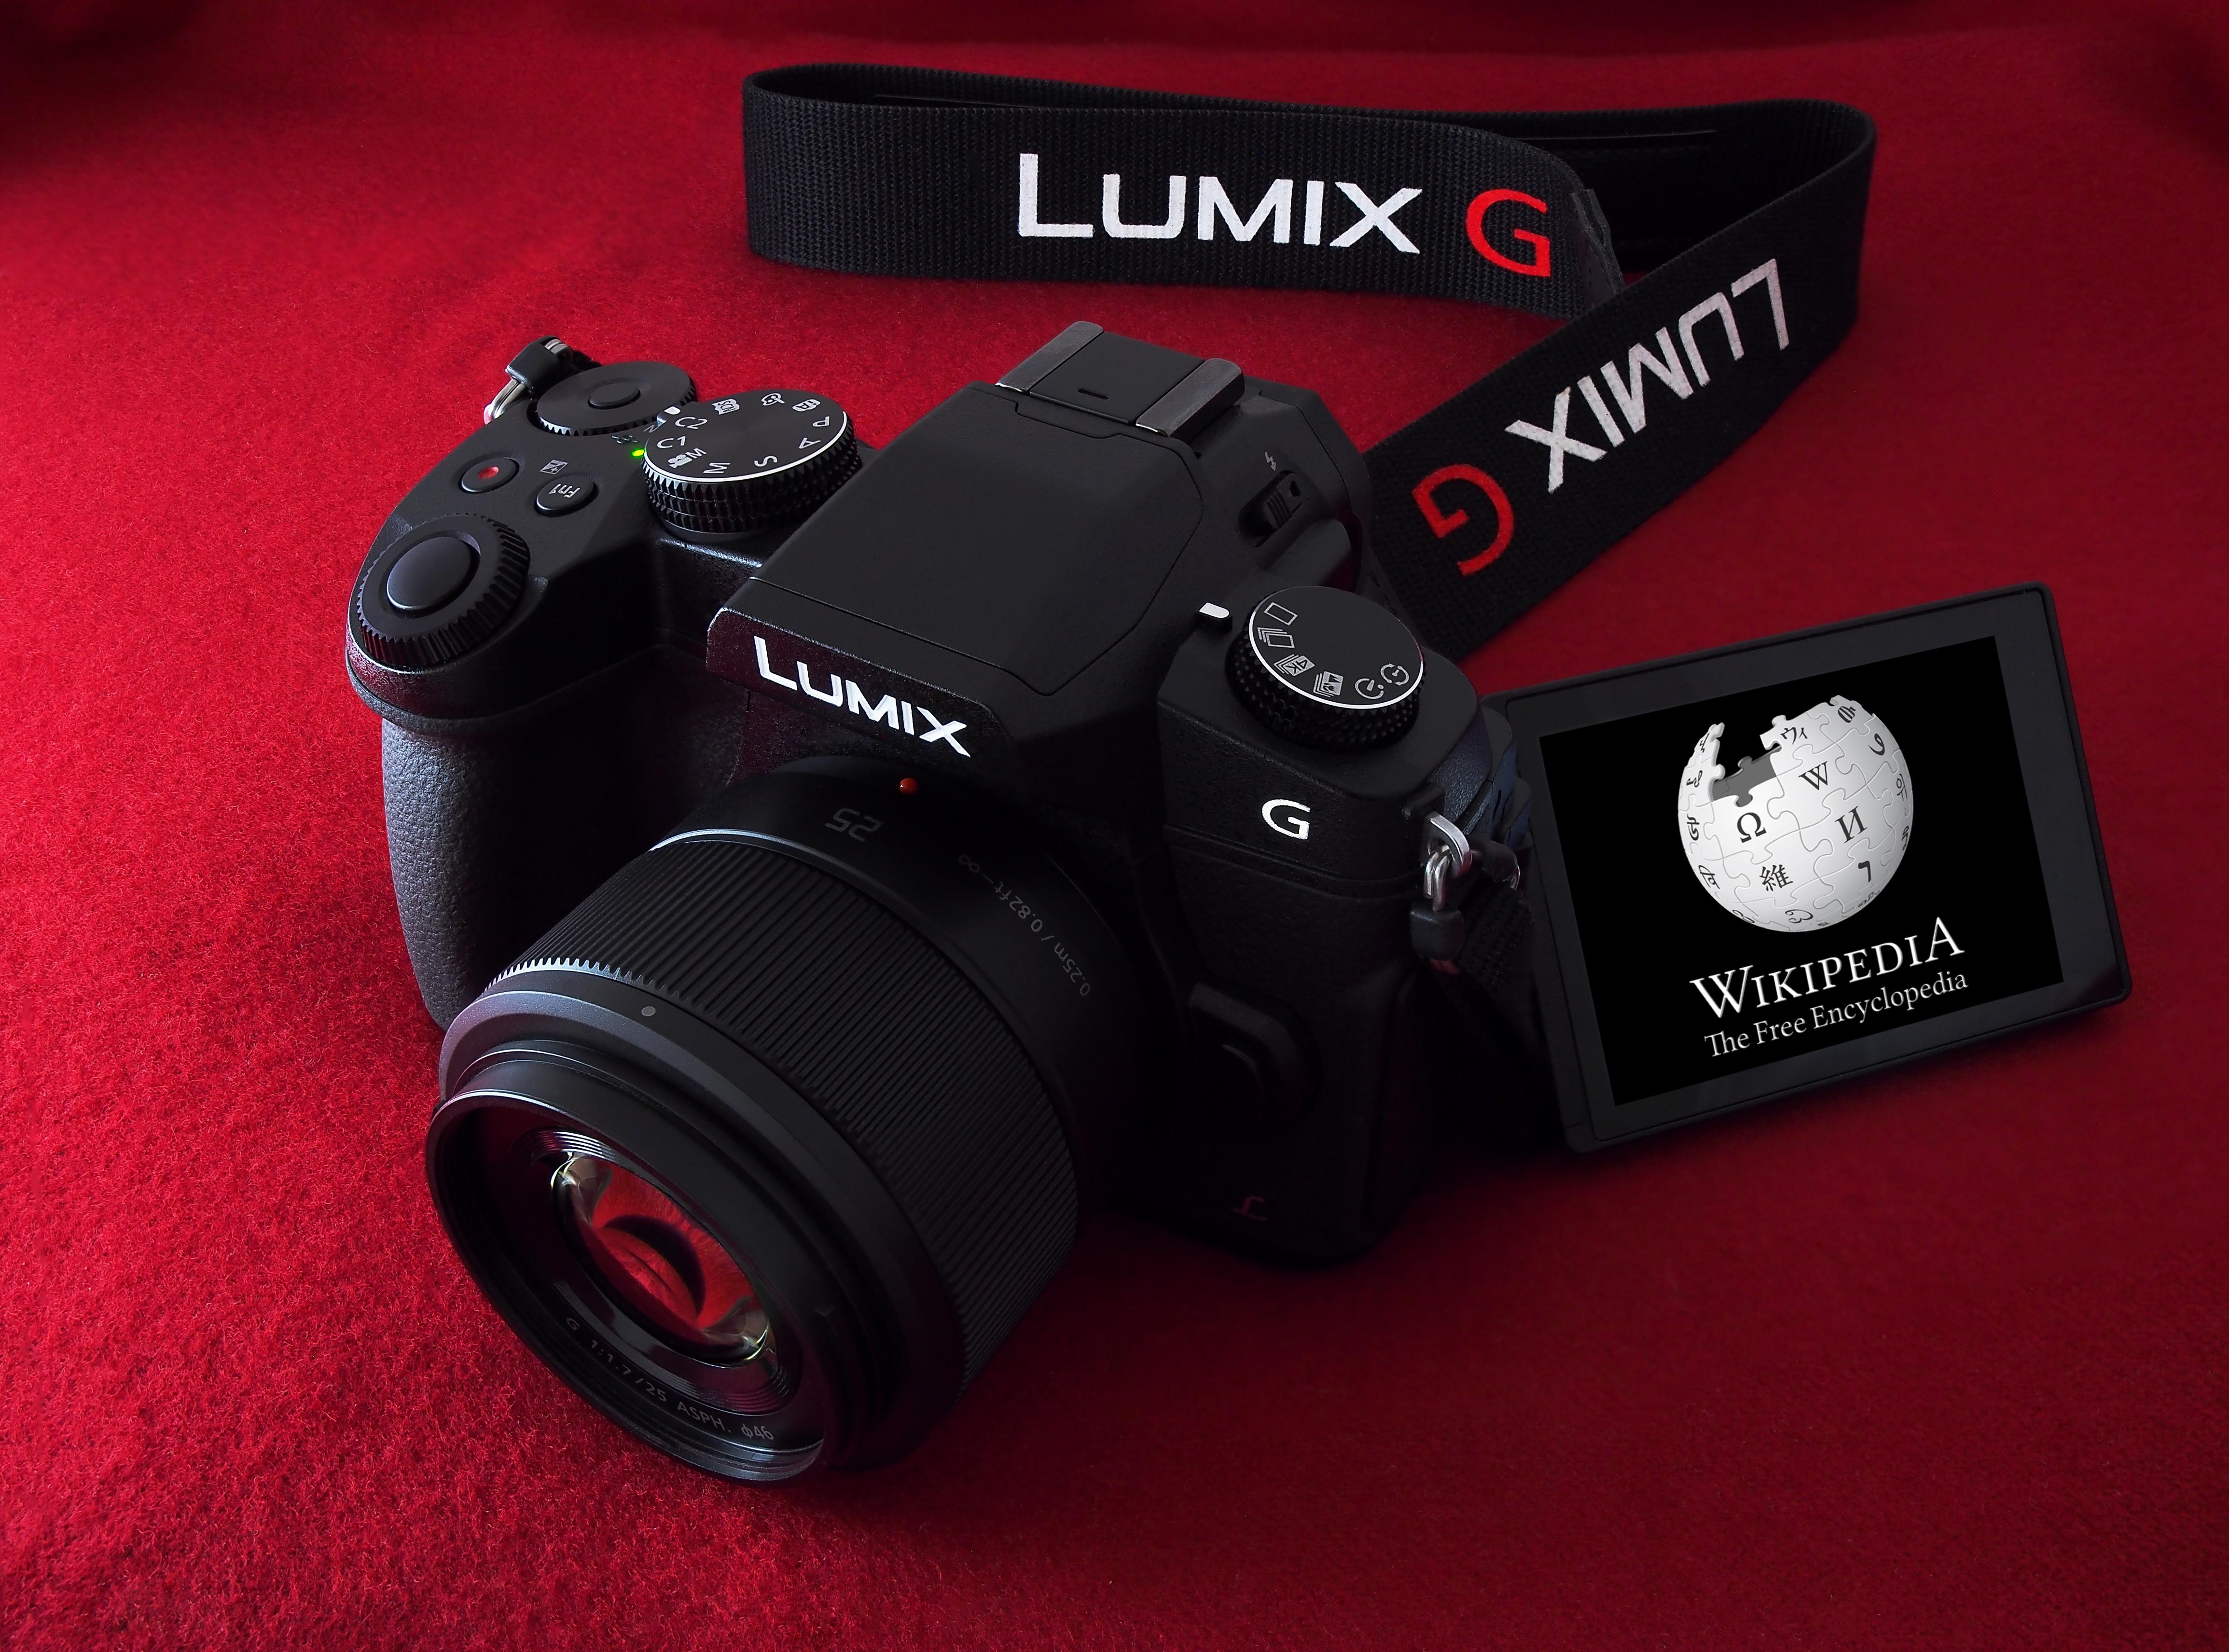 Panasonic Lumix DMC-G85/G80 - Wikipedia